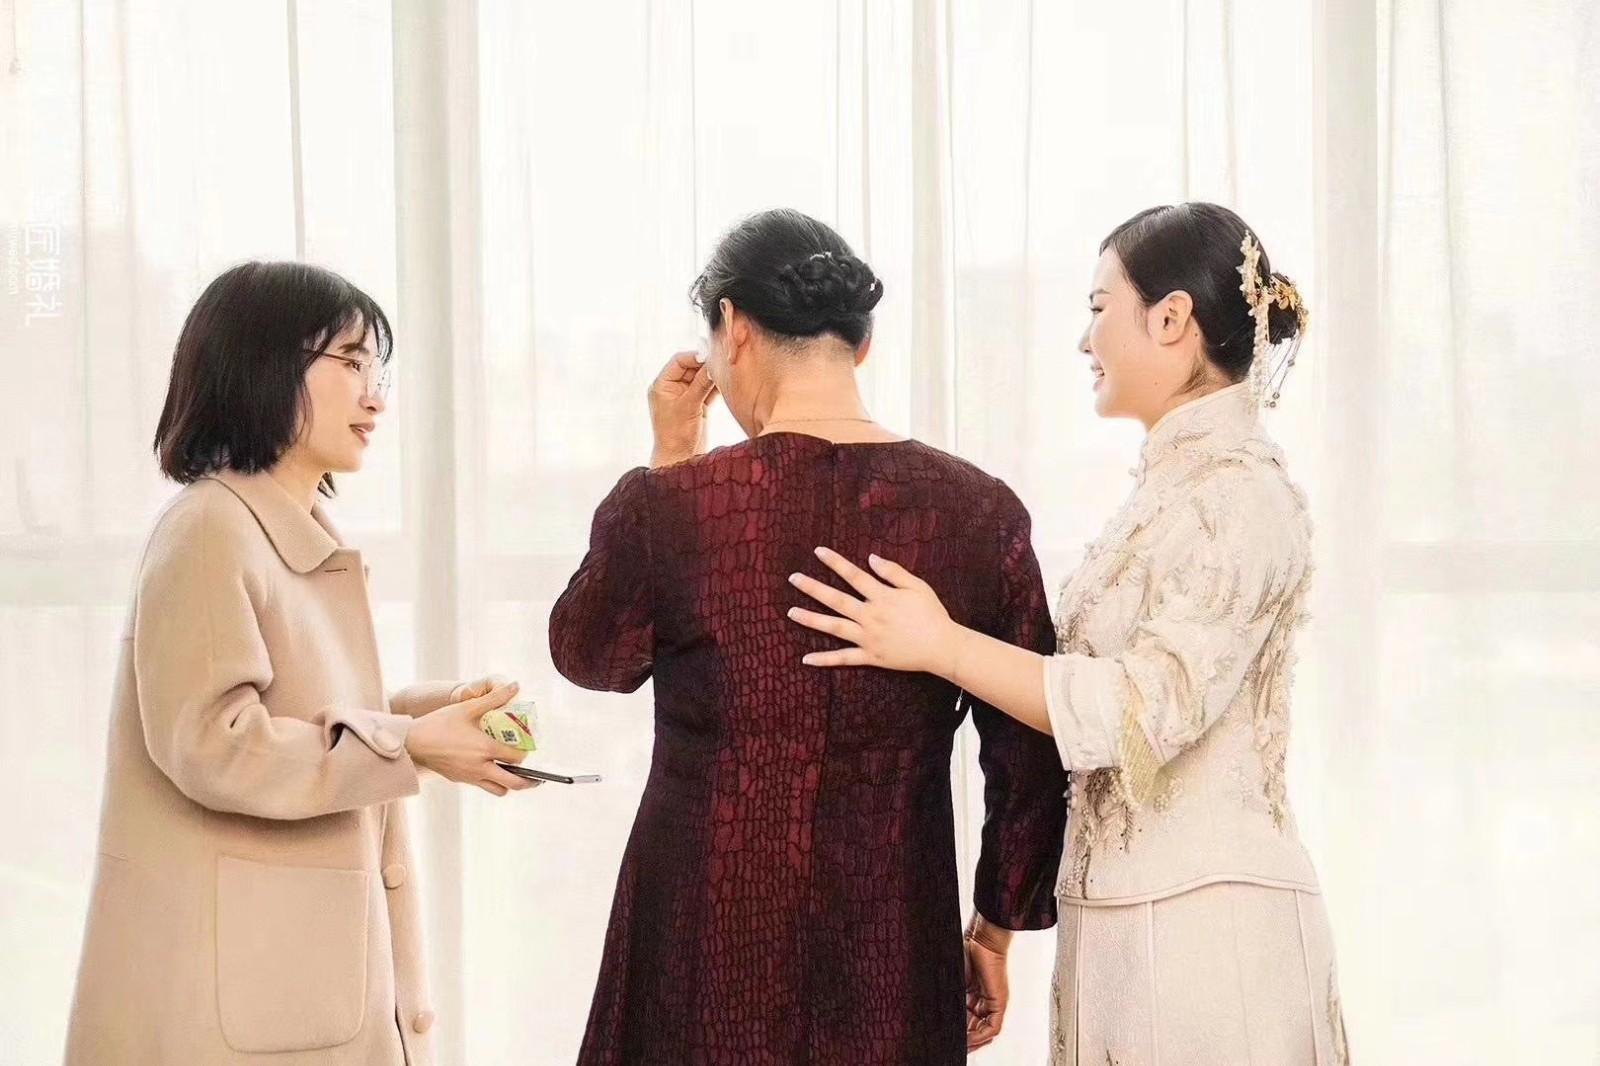 竹溪一般婚礼跟拍要多少钱 竹溪结婚婚礼跟拍费用